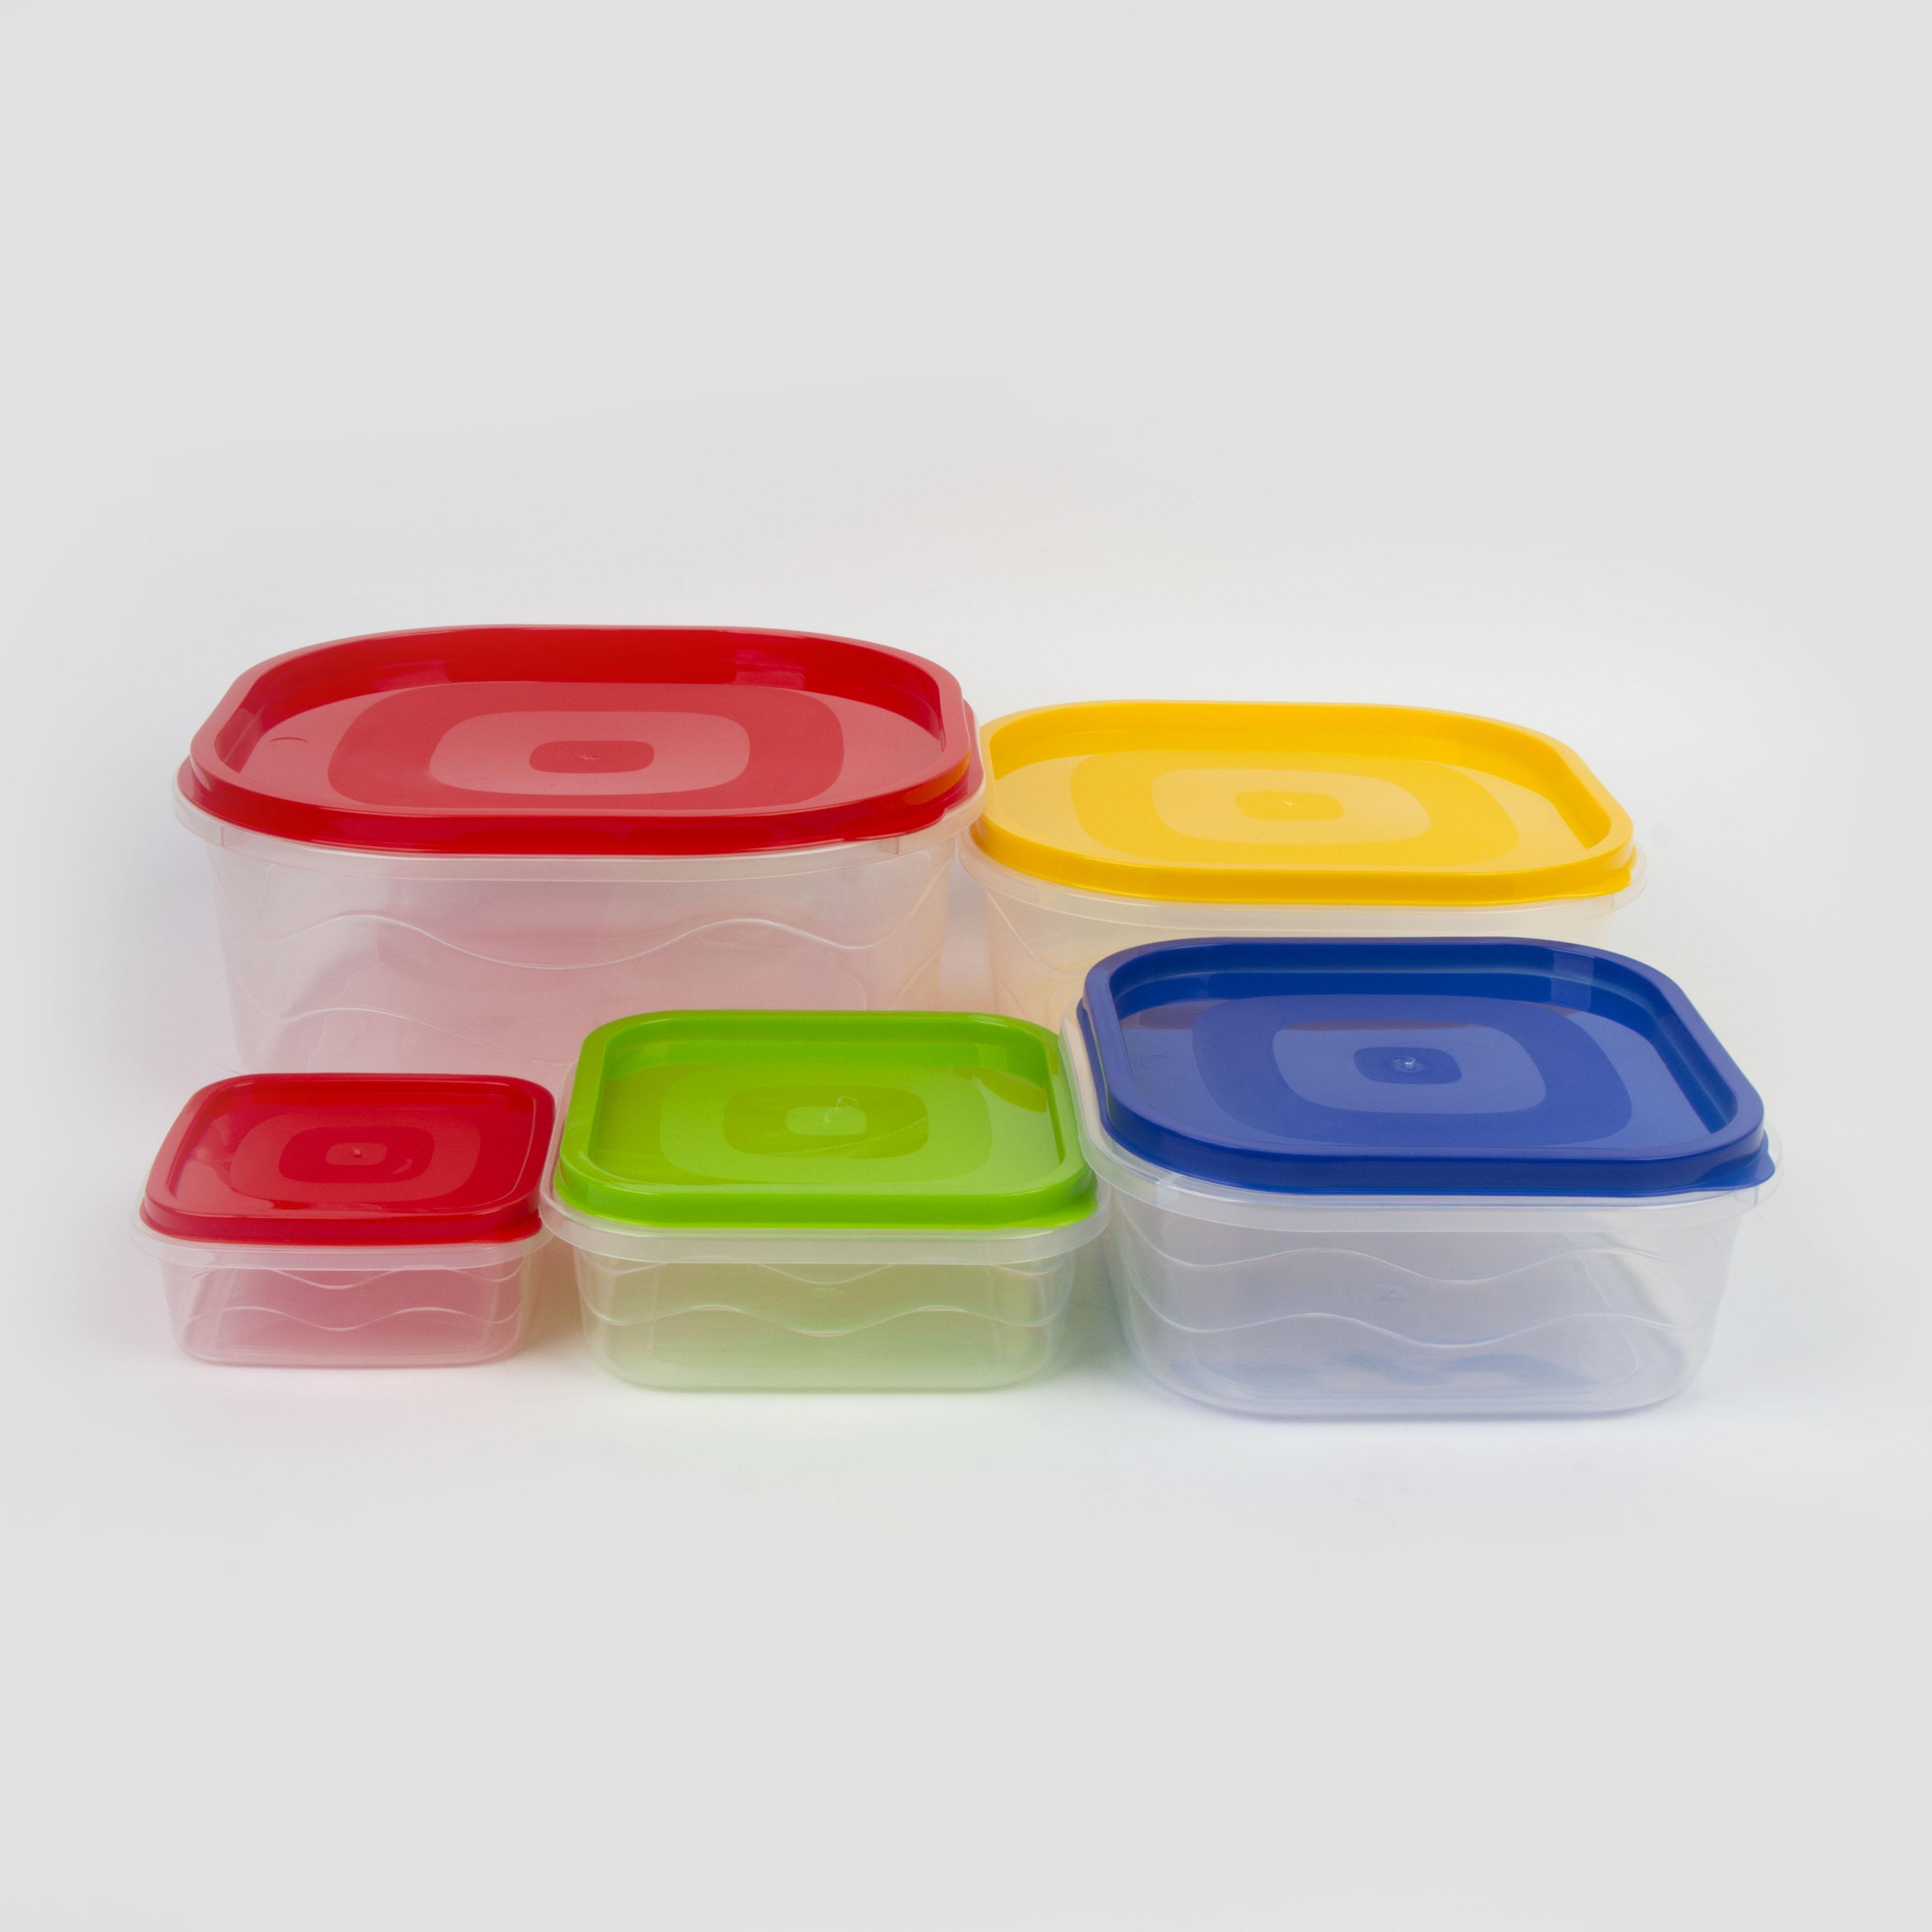 Набор для кухни: 5 контейнеров разных размеров «Радуга»